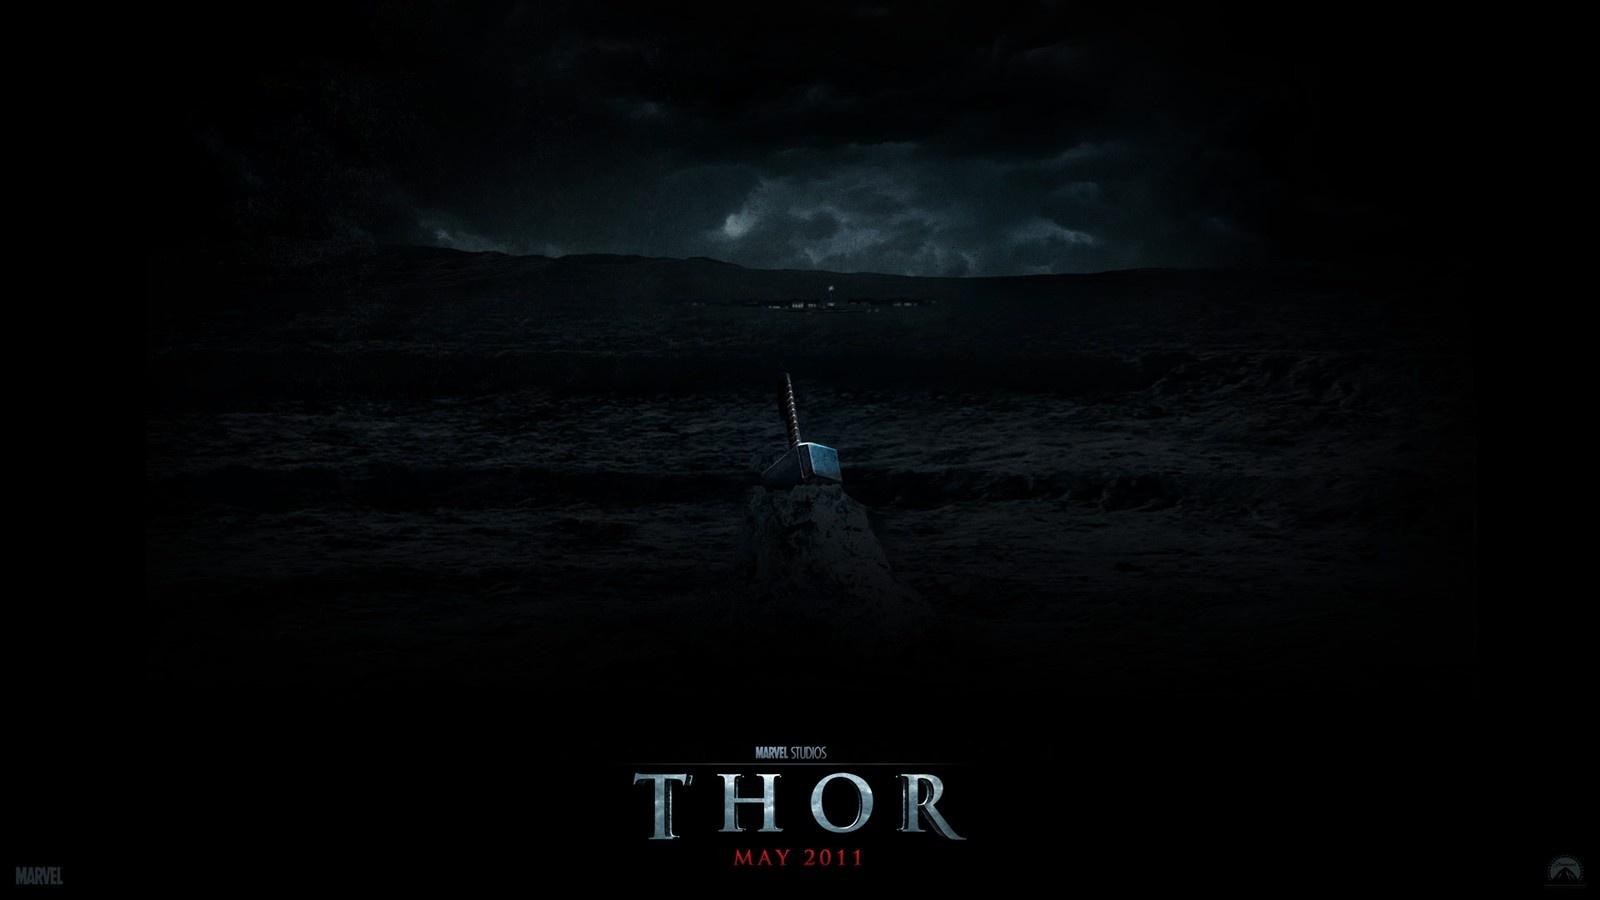 电影高清壁纸_软件下载 桌面壁纸 19寸壁纸 《雷神 thor 》电影壁纸 应用截图